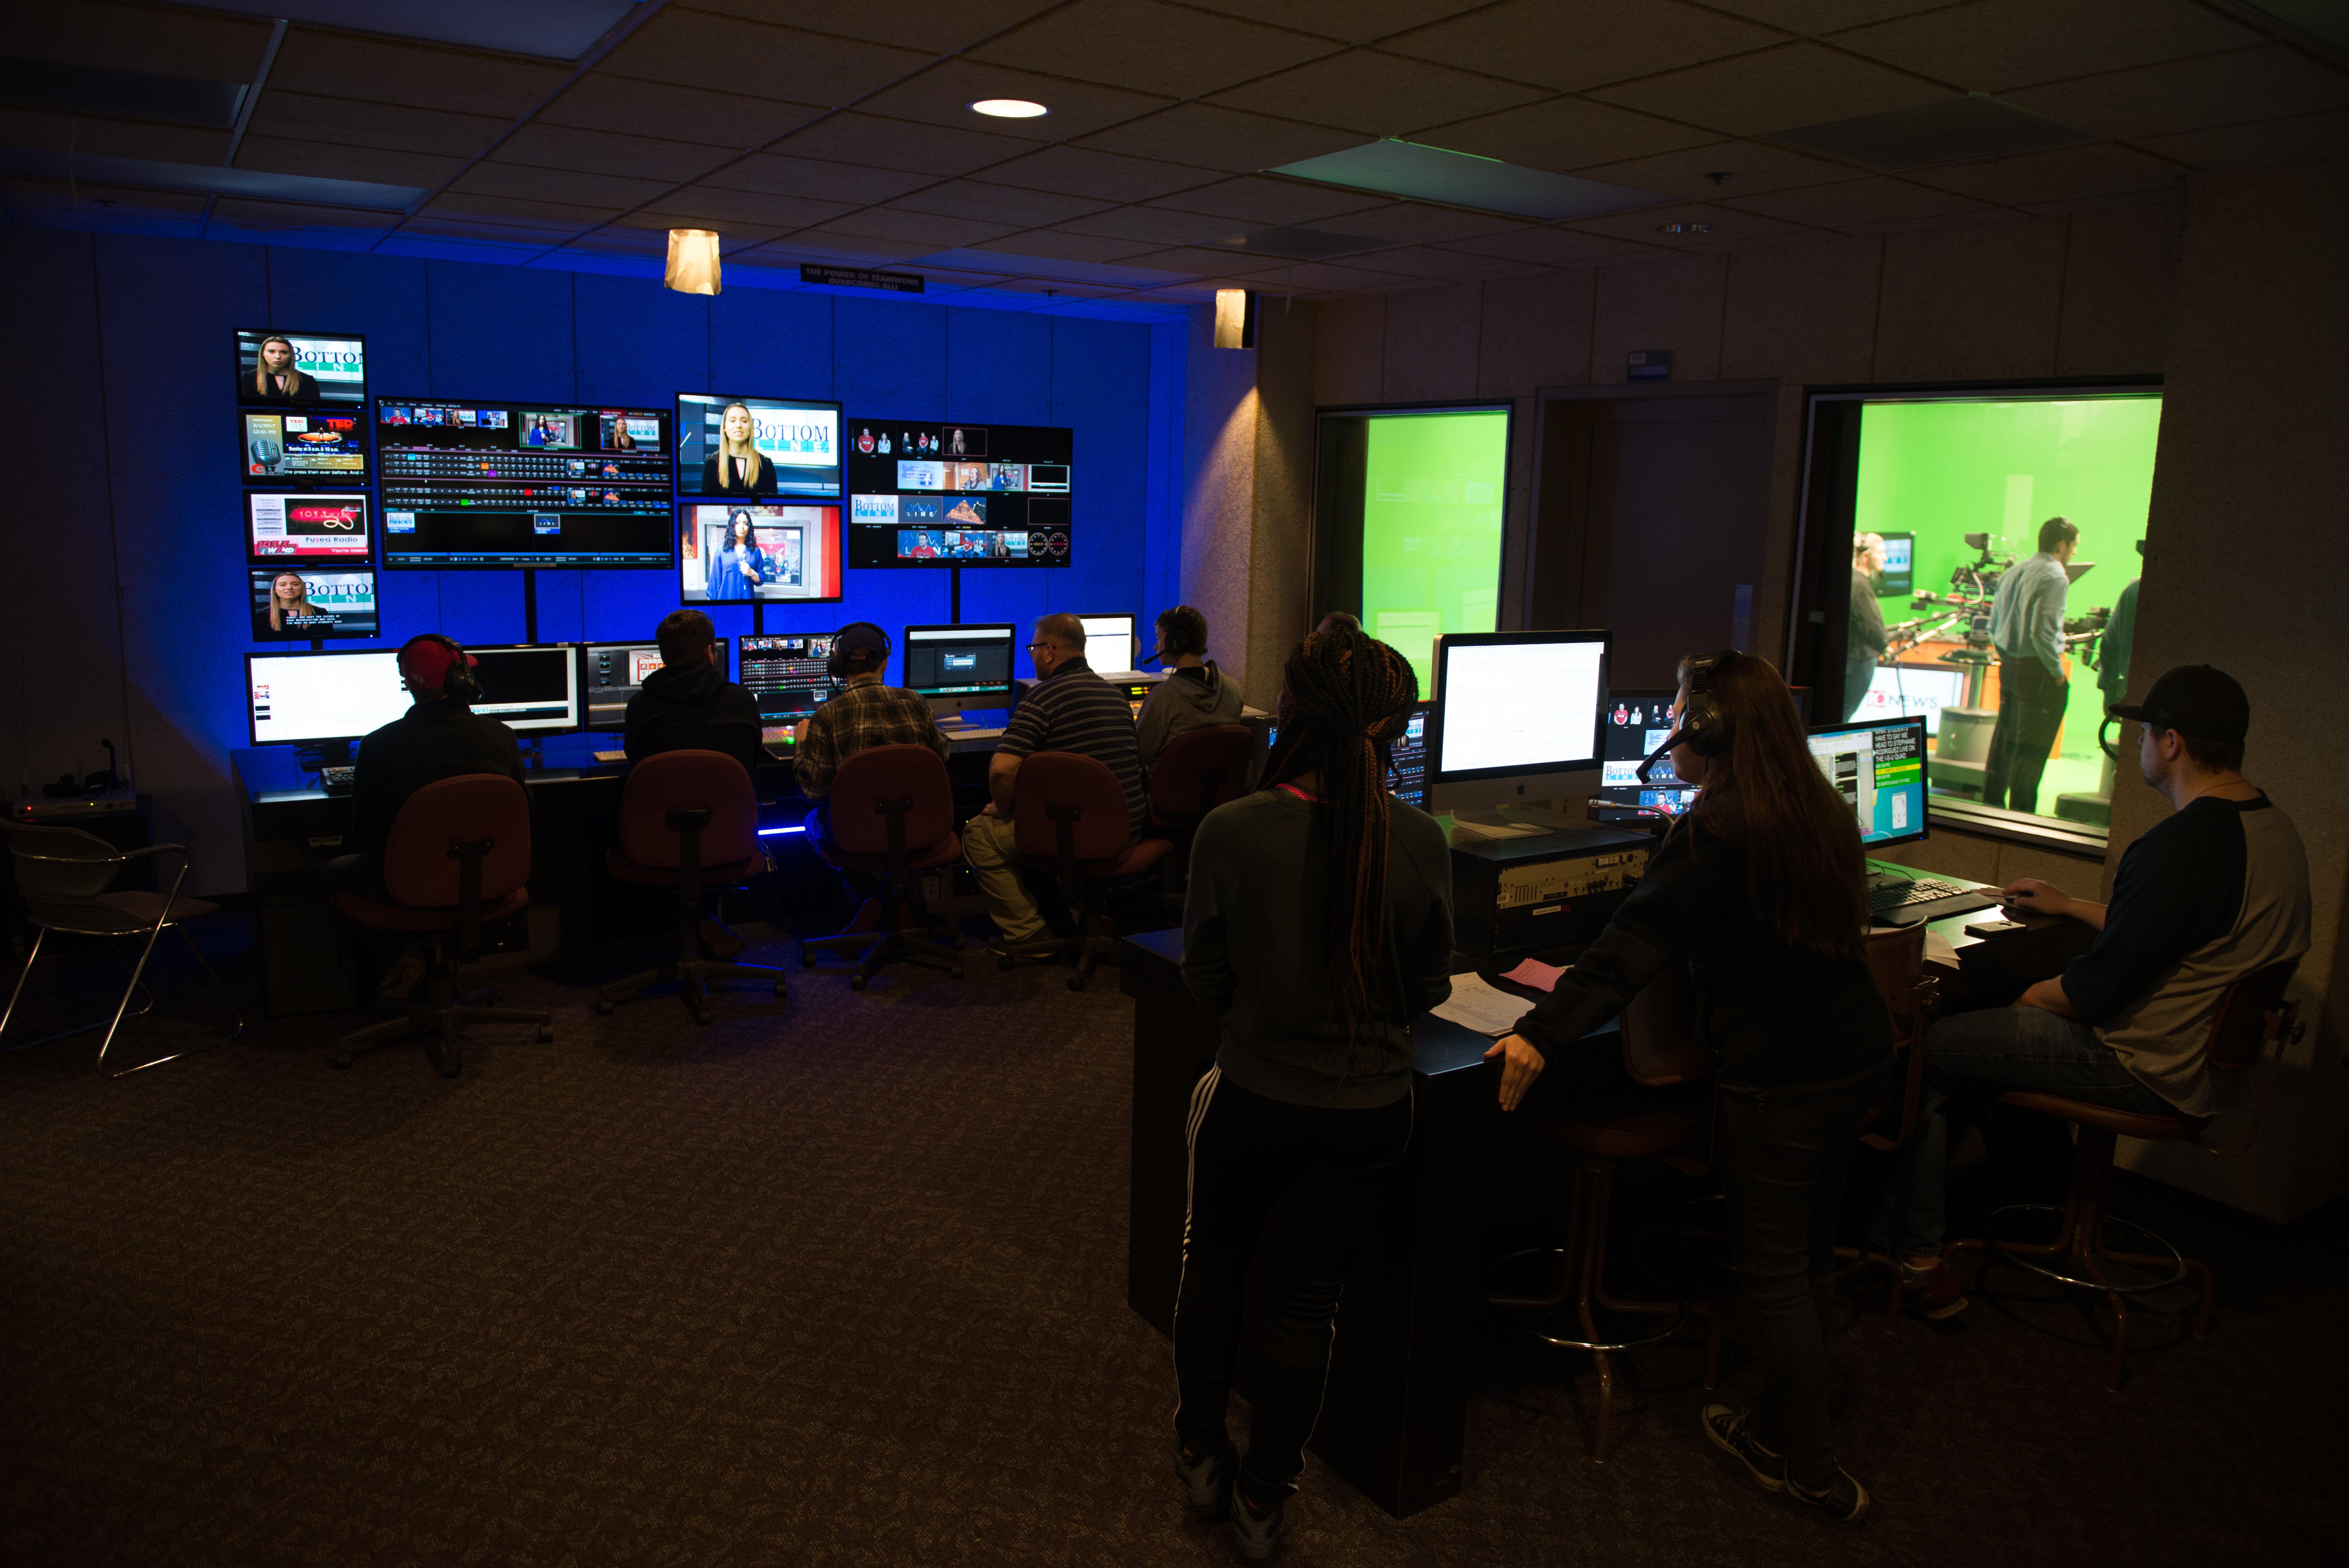 TV-10 Control room